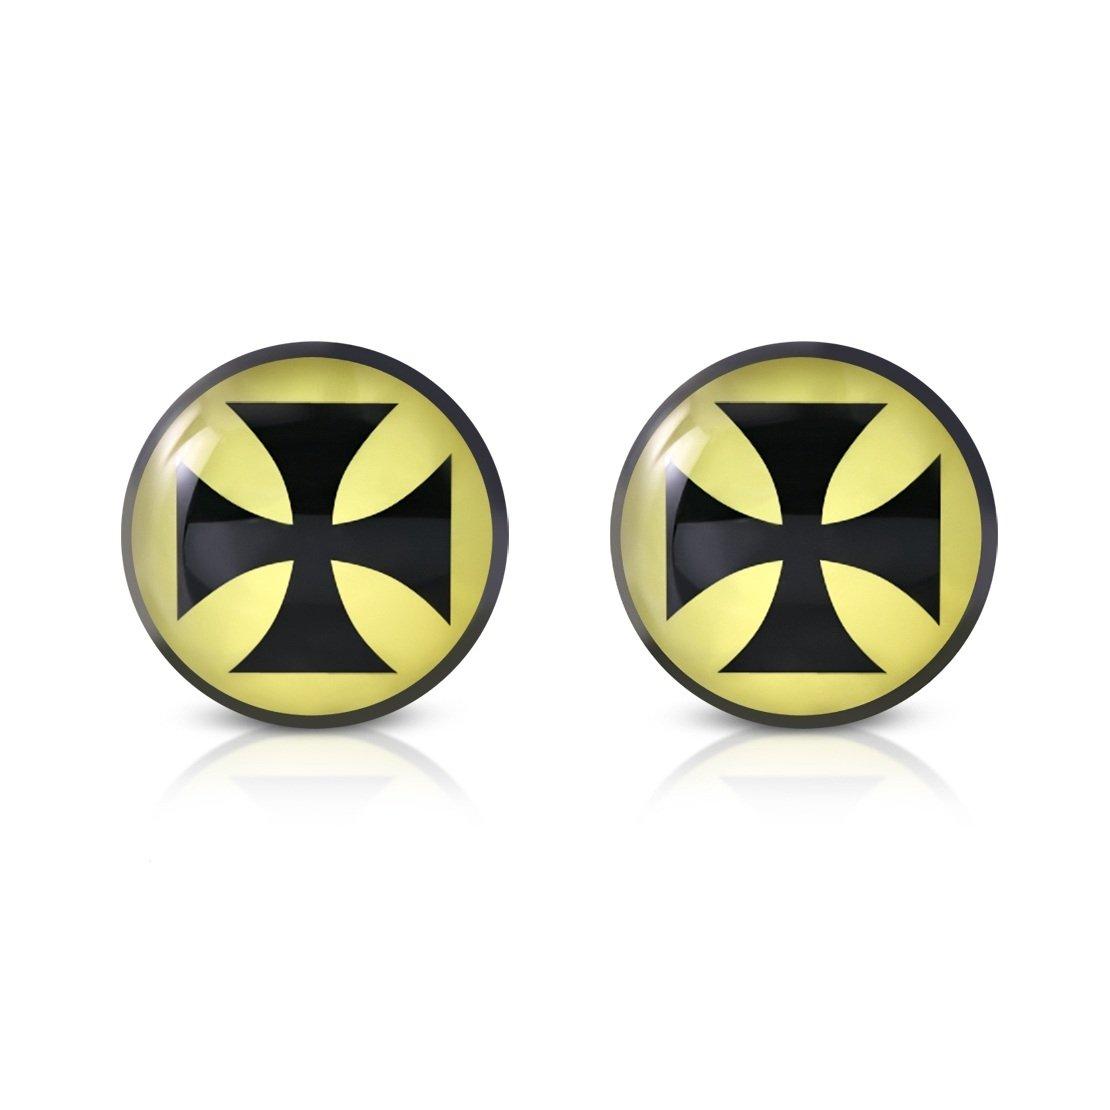 Stainless Steel 3 Color Pattee Cross Circle Stud Earrings pair